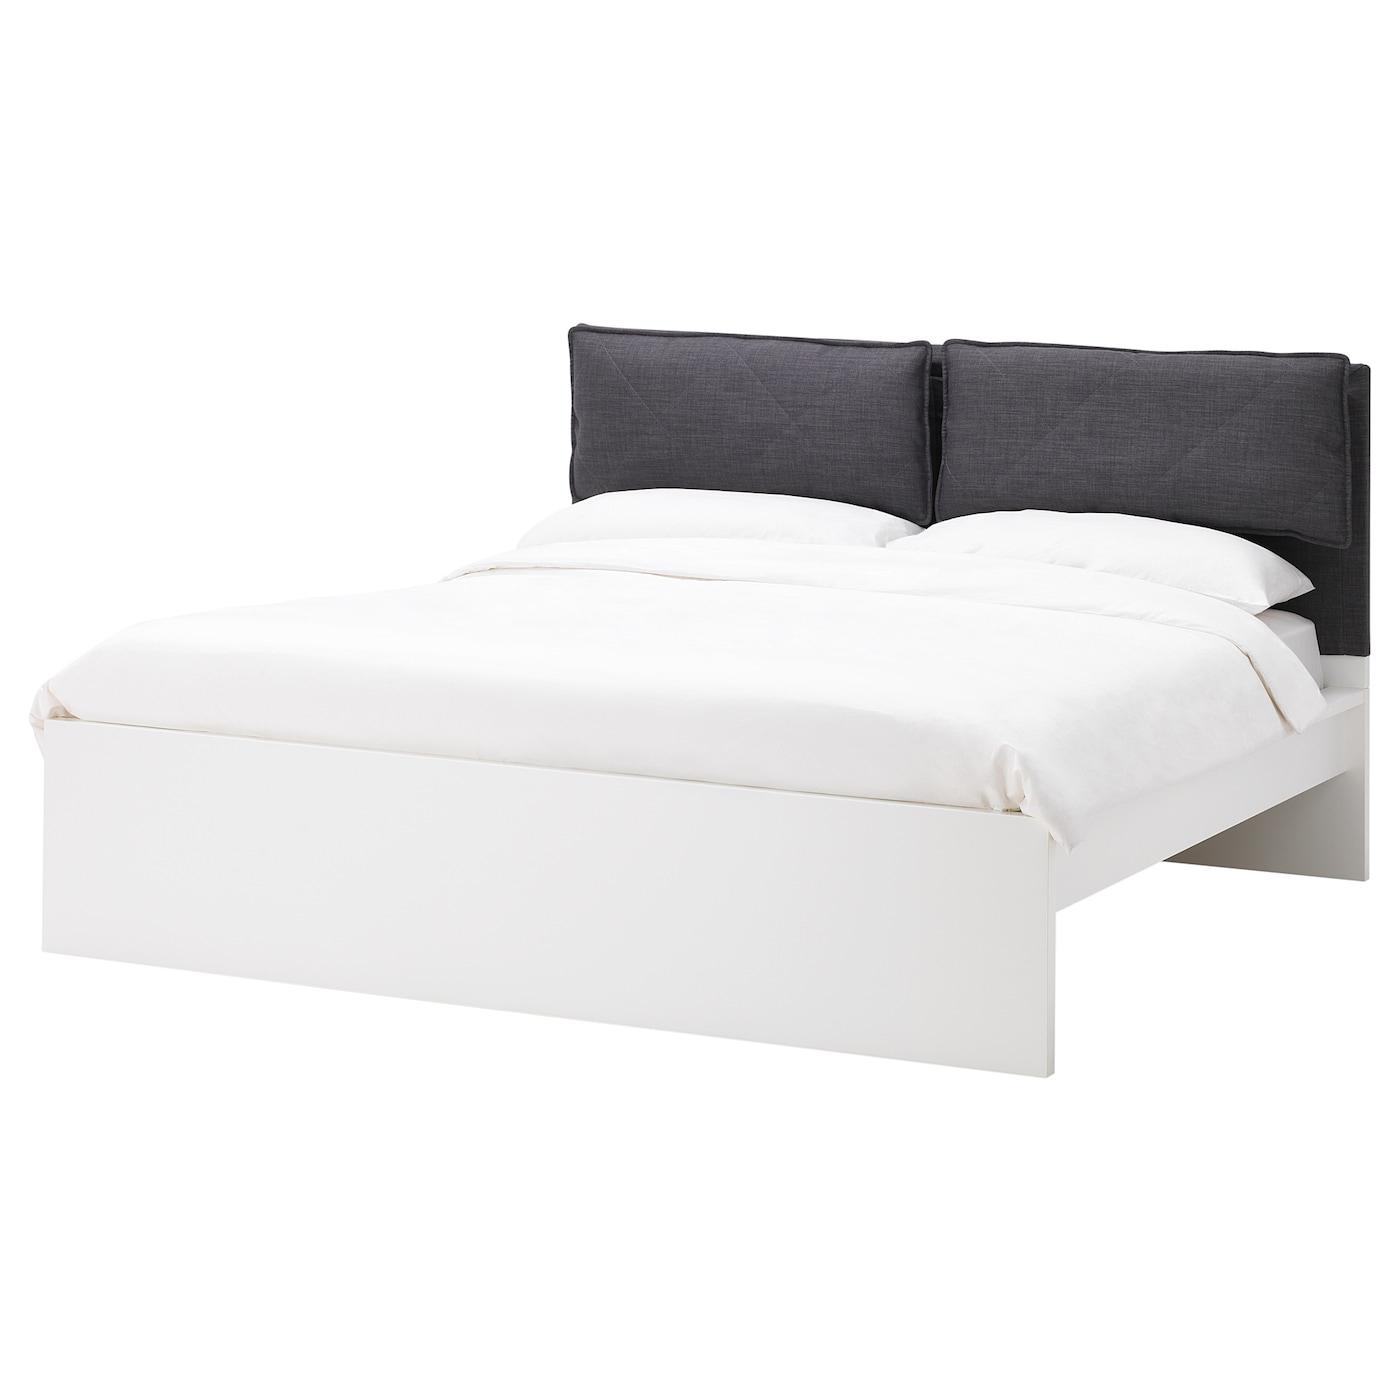 Malm Housse Tête De Lit Avec 2 Oreillers - Skiftebo Gris Foncé 140 Cm destiné Coussins Tête De Lit Ikea